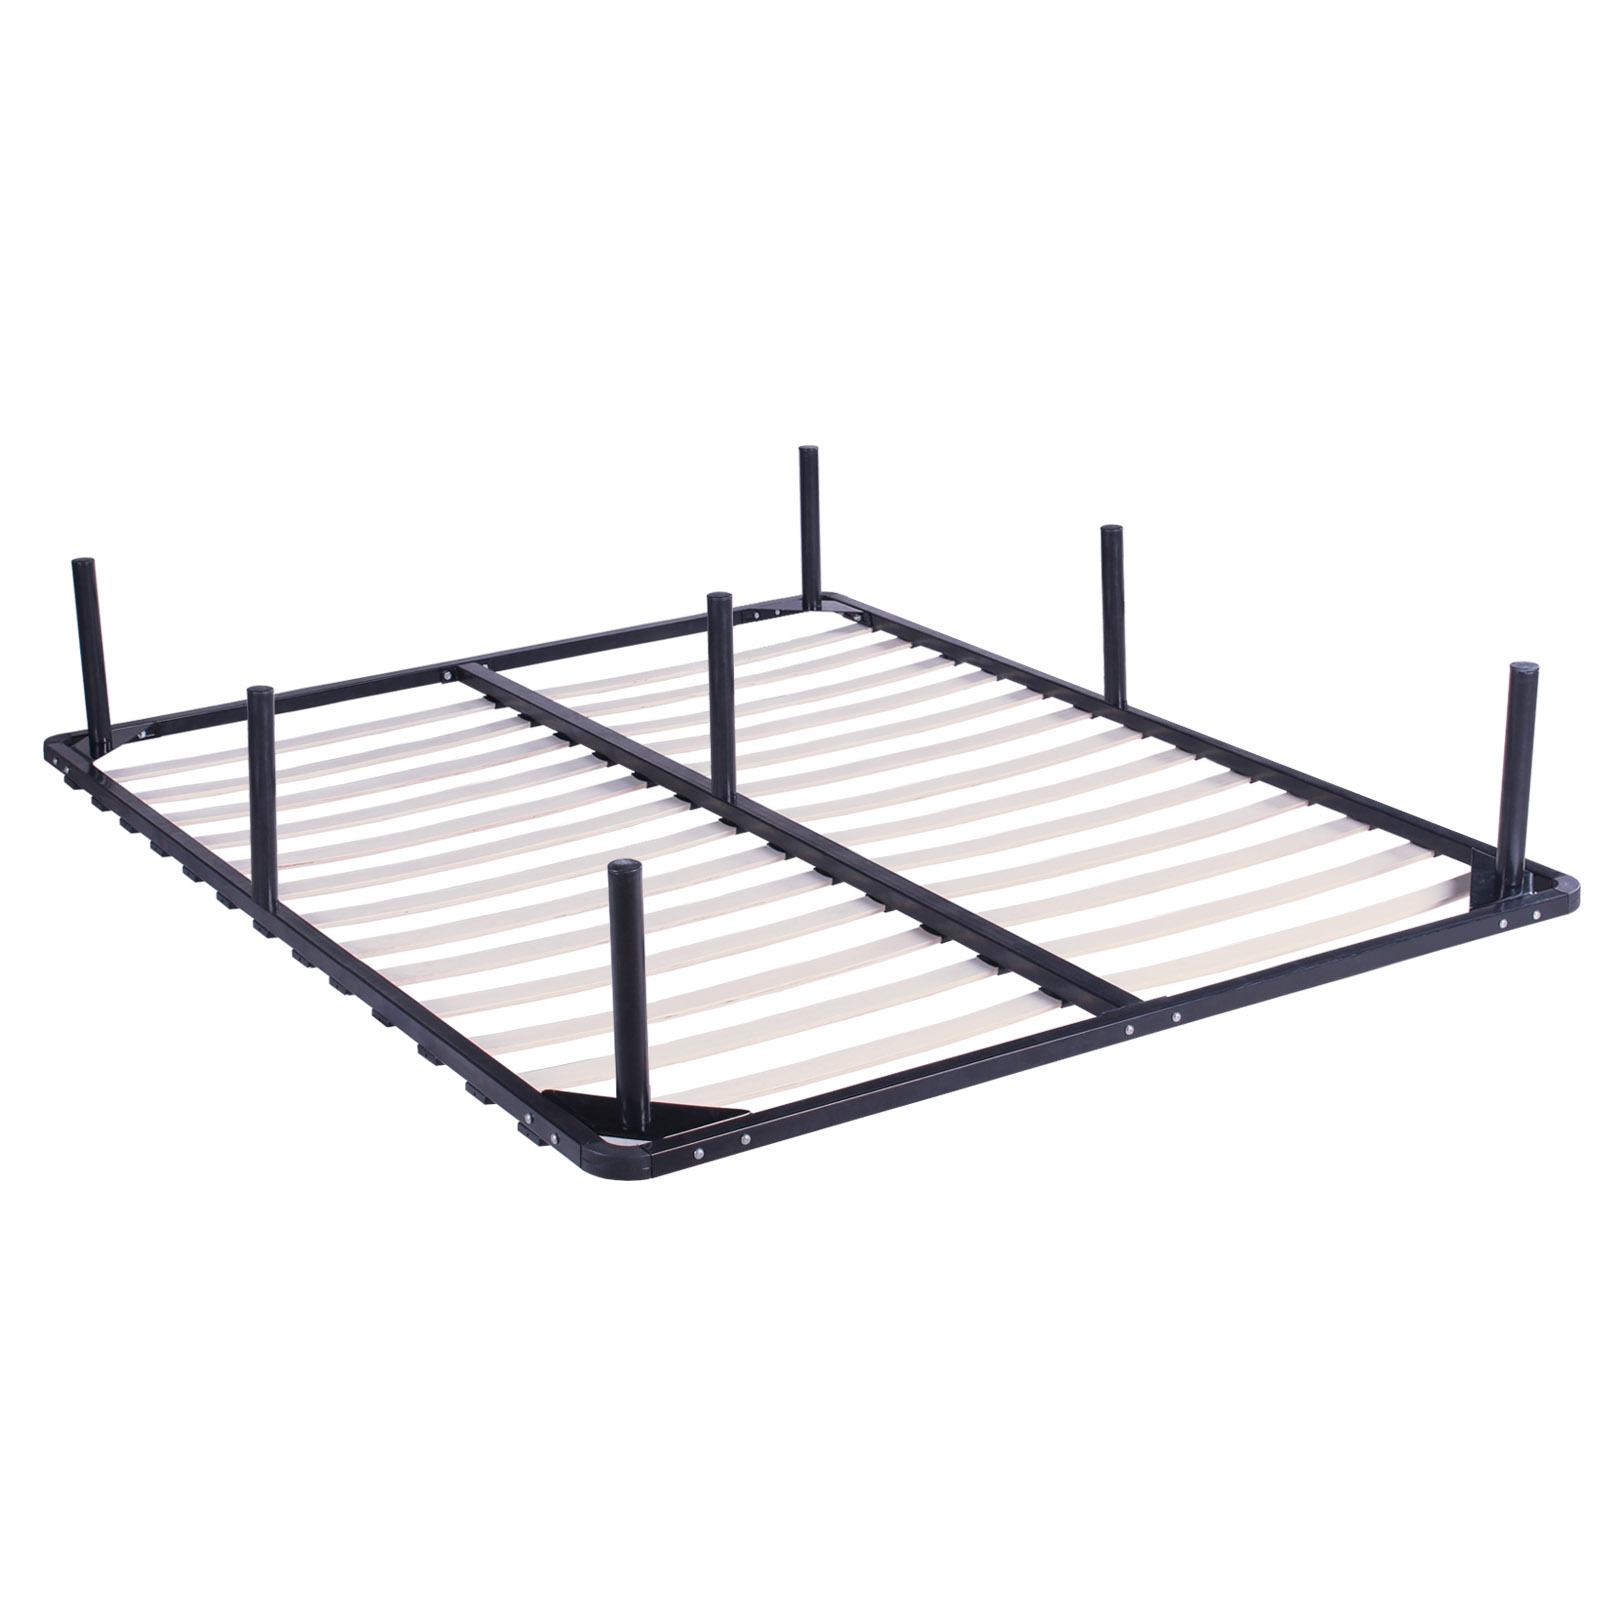 King Size Wood Slats Metal Bed Frame Platform Foundation